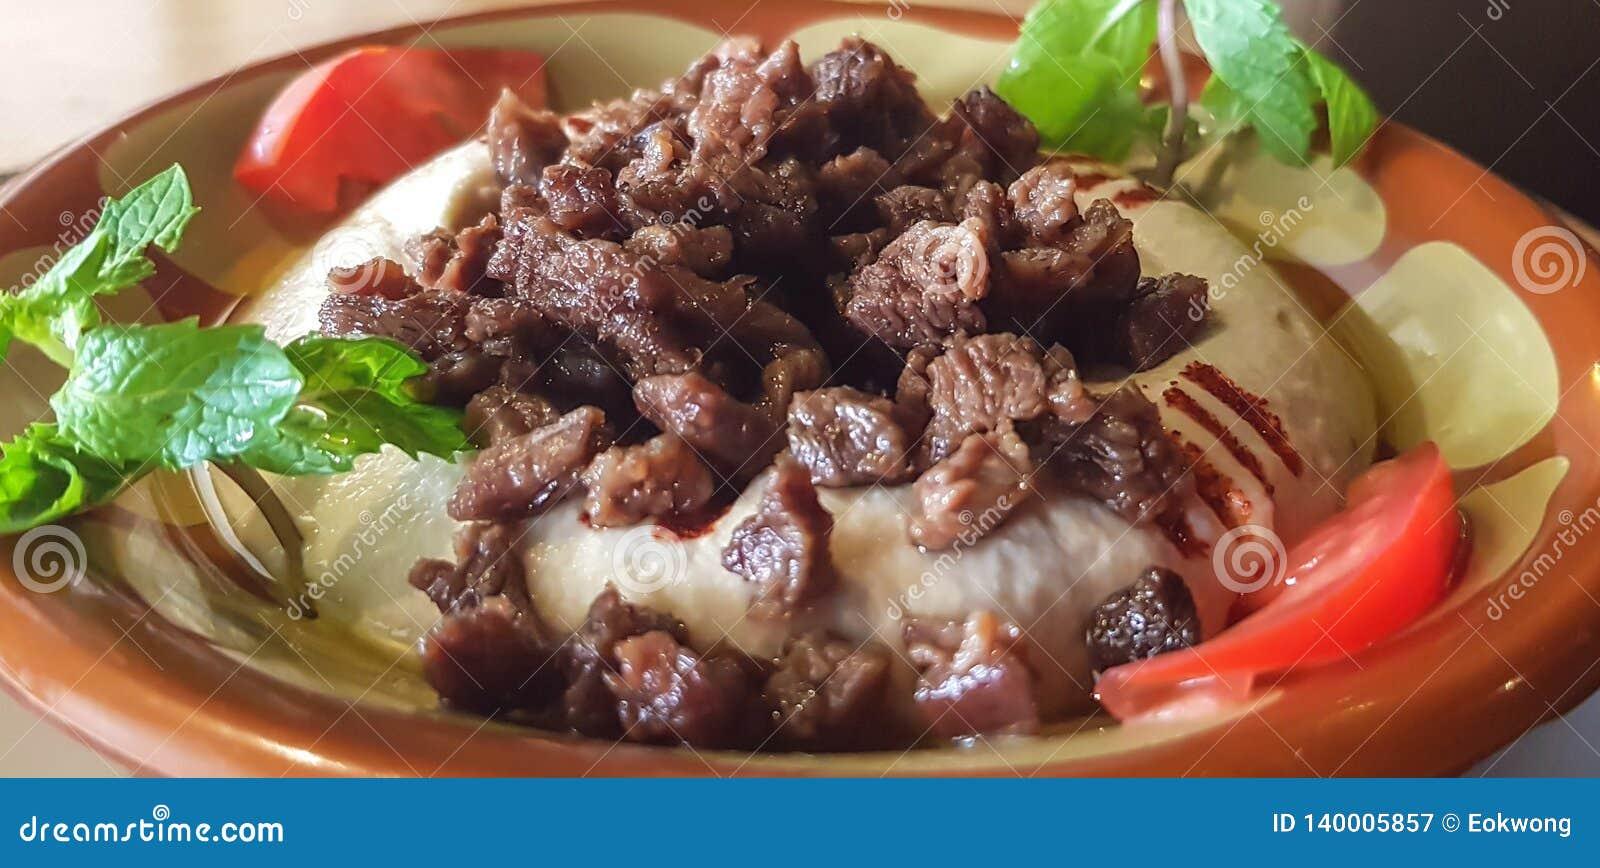 Un plat de houmous avec de la viande et des légumes - nourriture libanaise